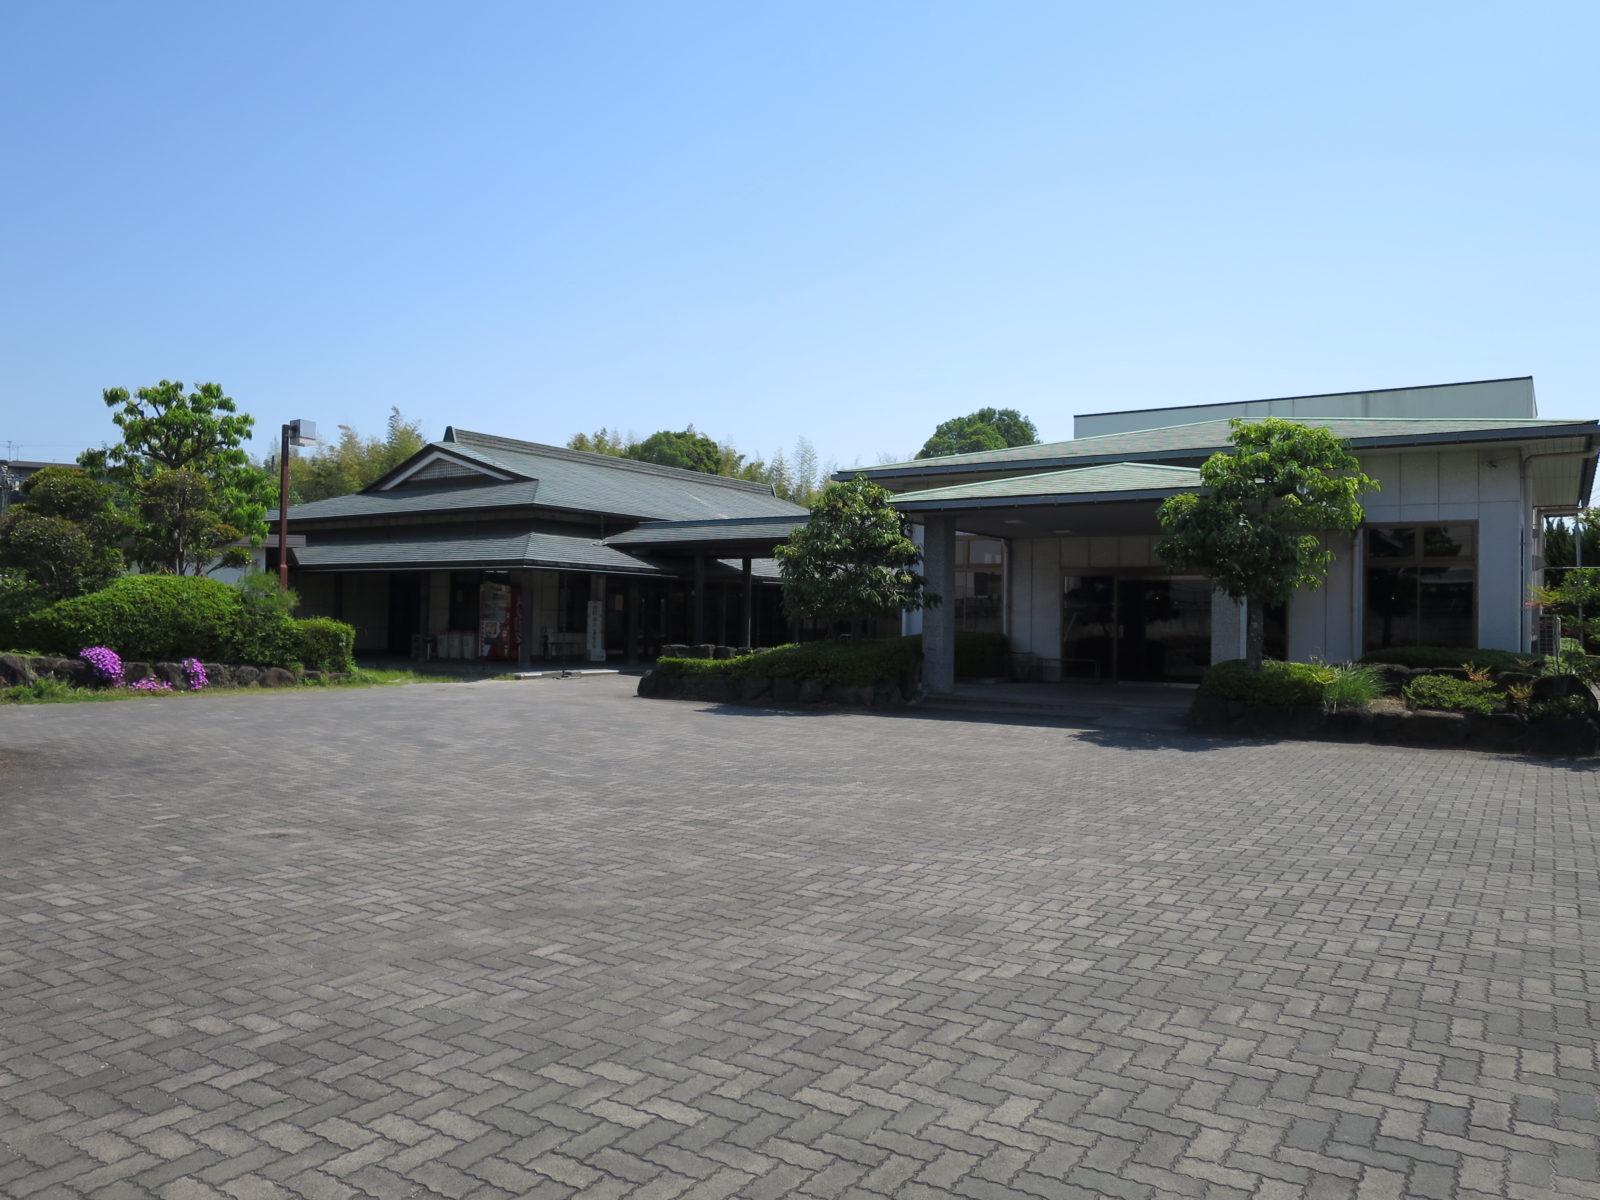 大和郡山市営斎場 清浄会館